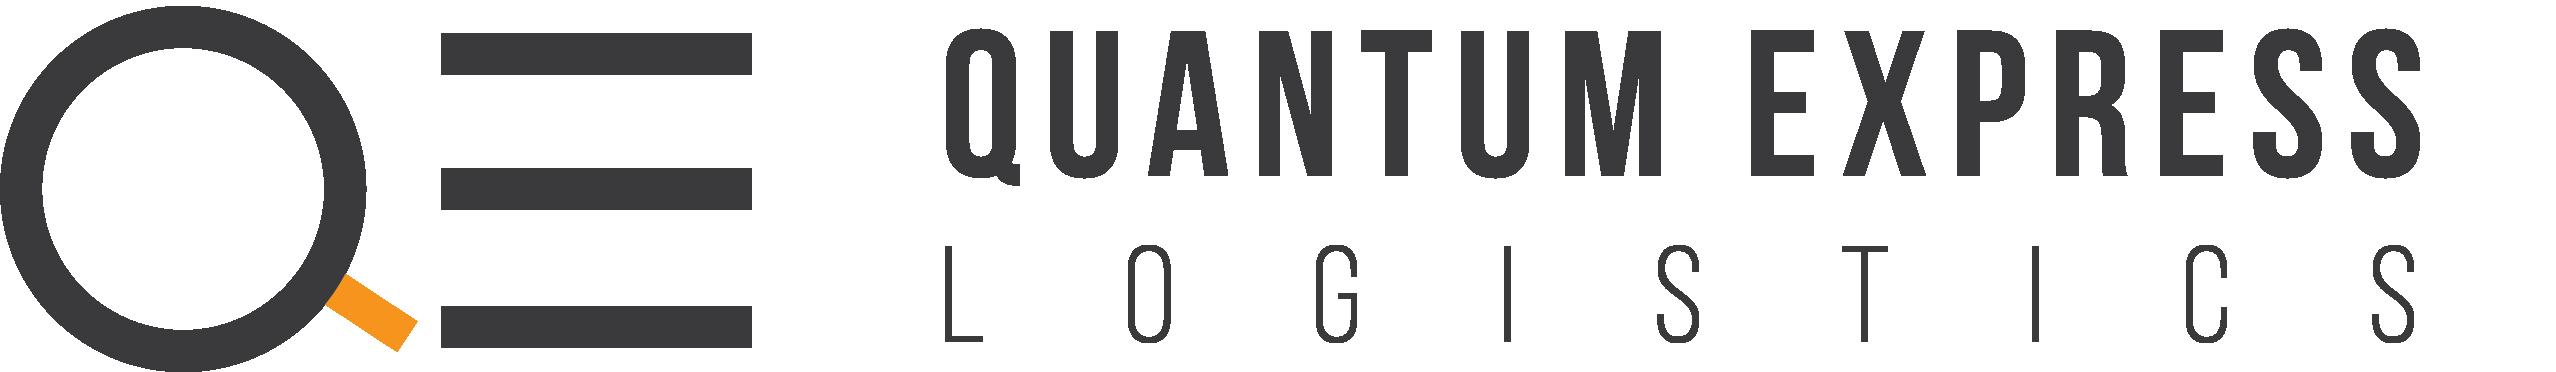 Quantum Express